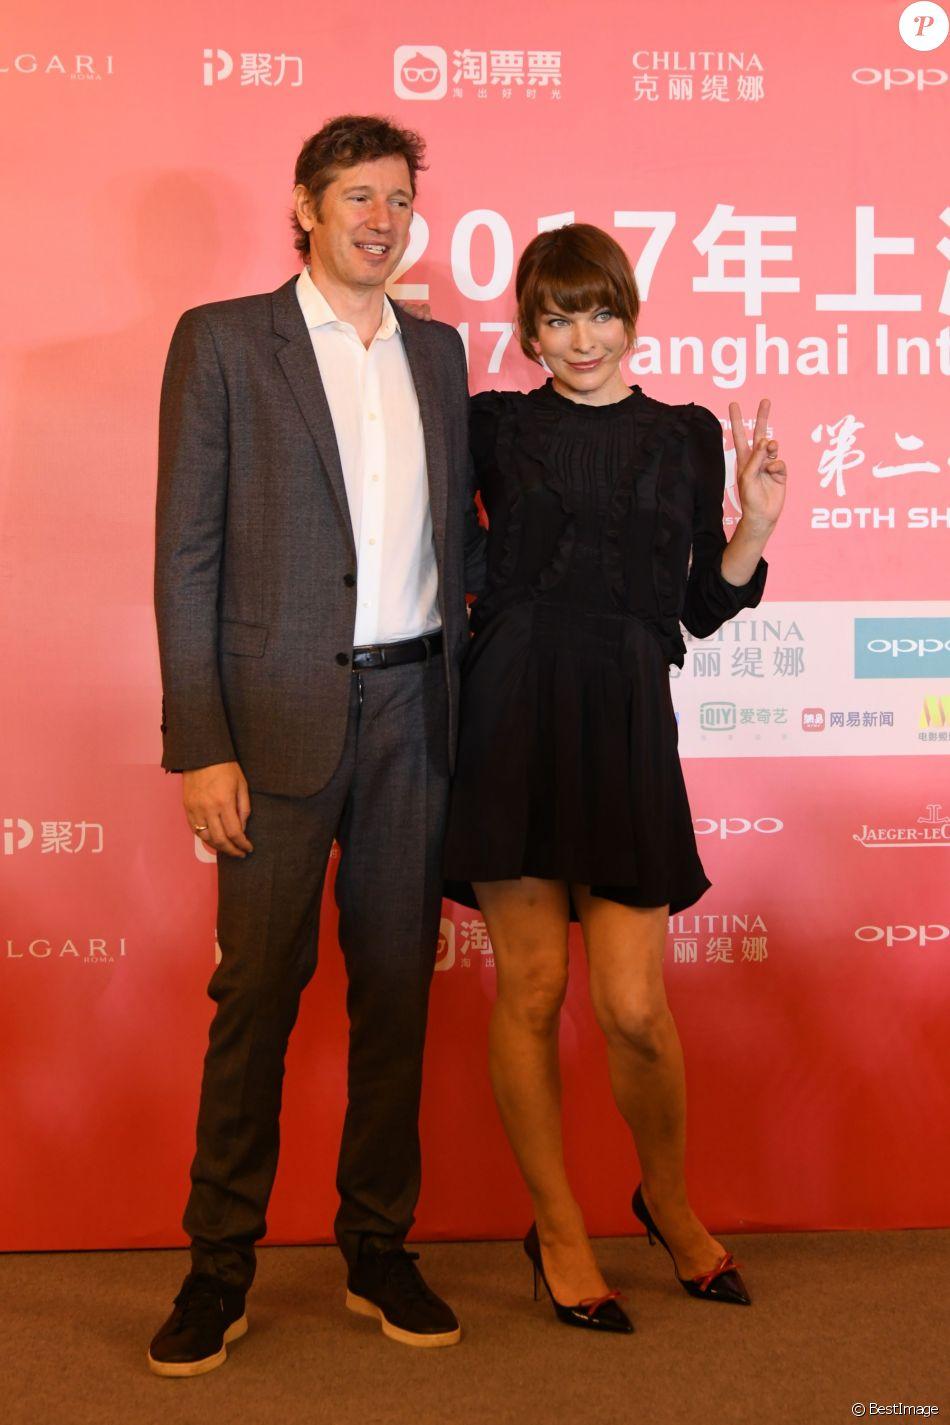 Paul William Scott Anderson et sa femme Milla Jovovich lors de la 20ème édition du festival du film de Shanghai, Chine, le 26 juin 2017. © TPG/Zuma Press/Bestimage